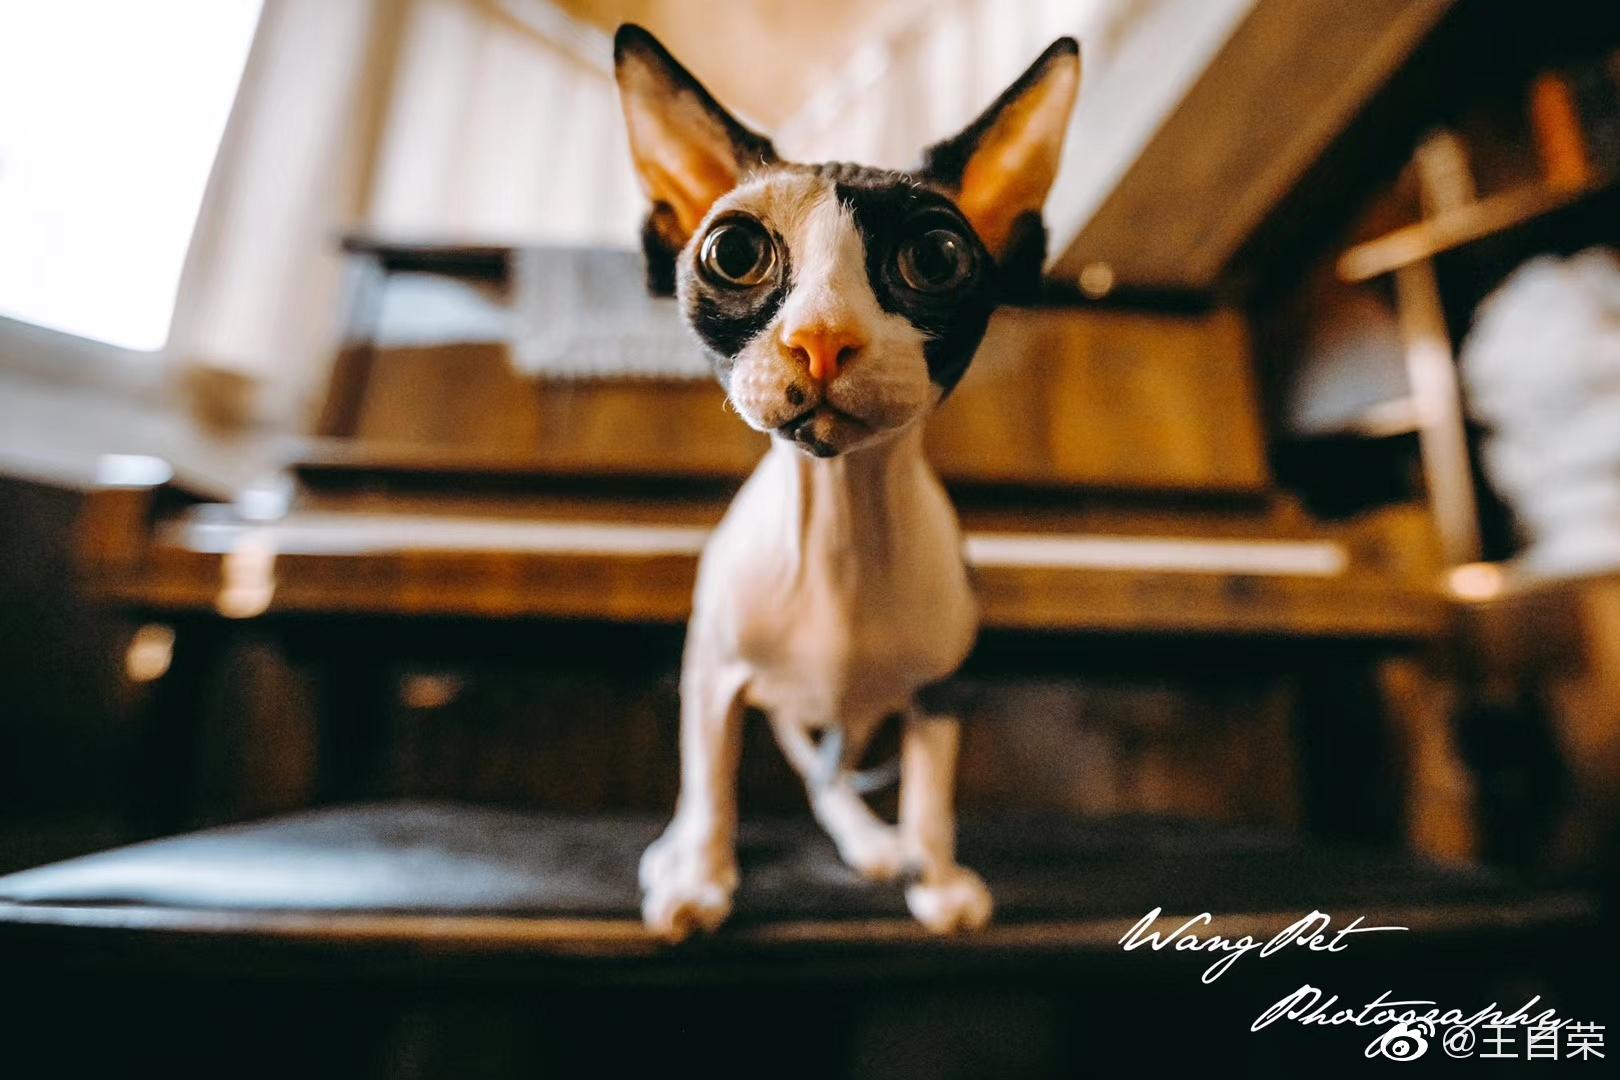 """这说的是不是加拿大无毛猫?它是""""琴键上的舞者,角落里的精灵"""""""